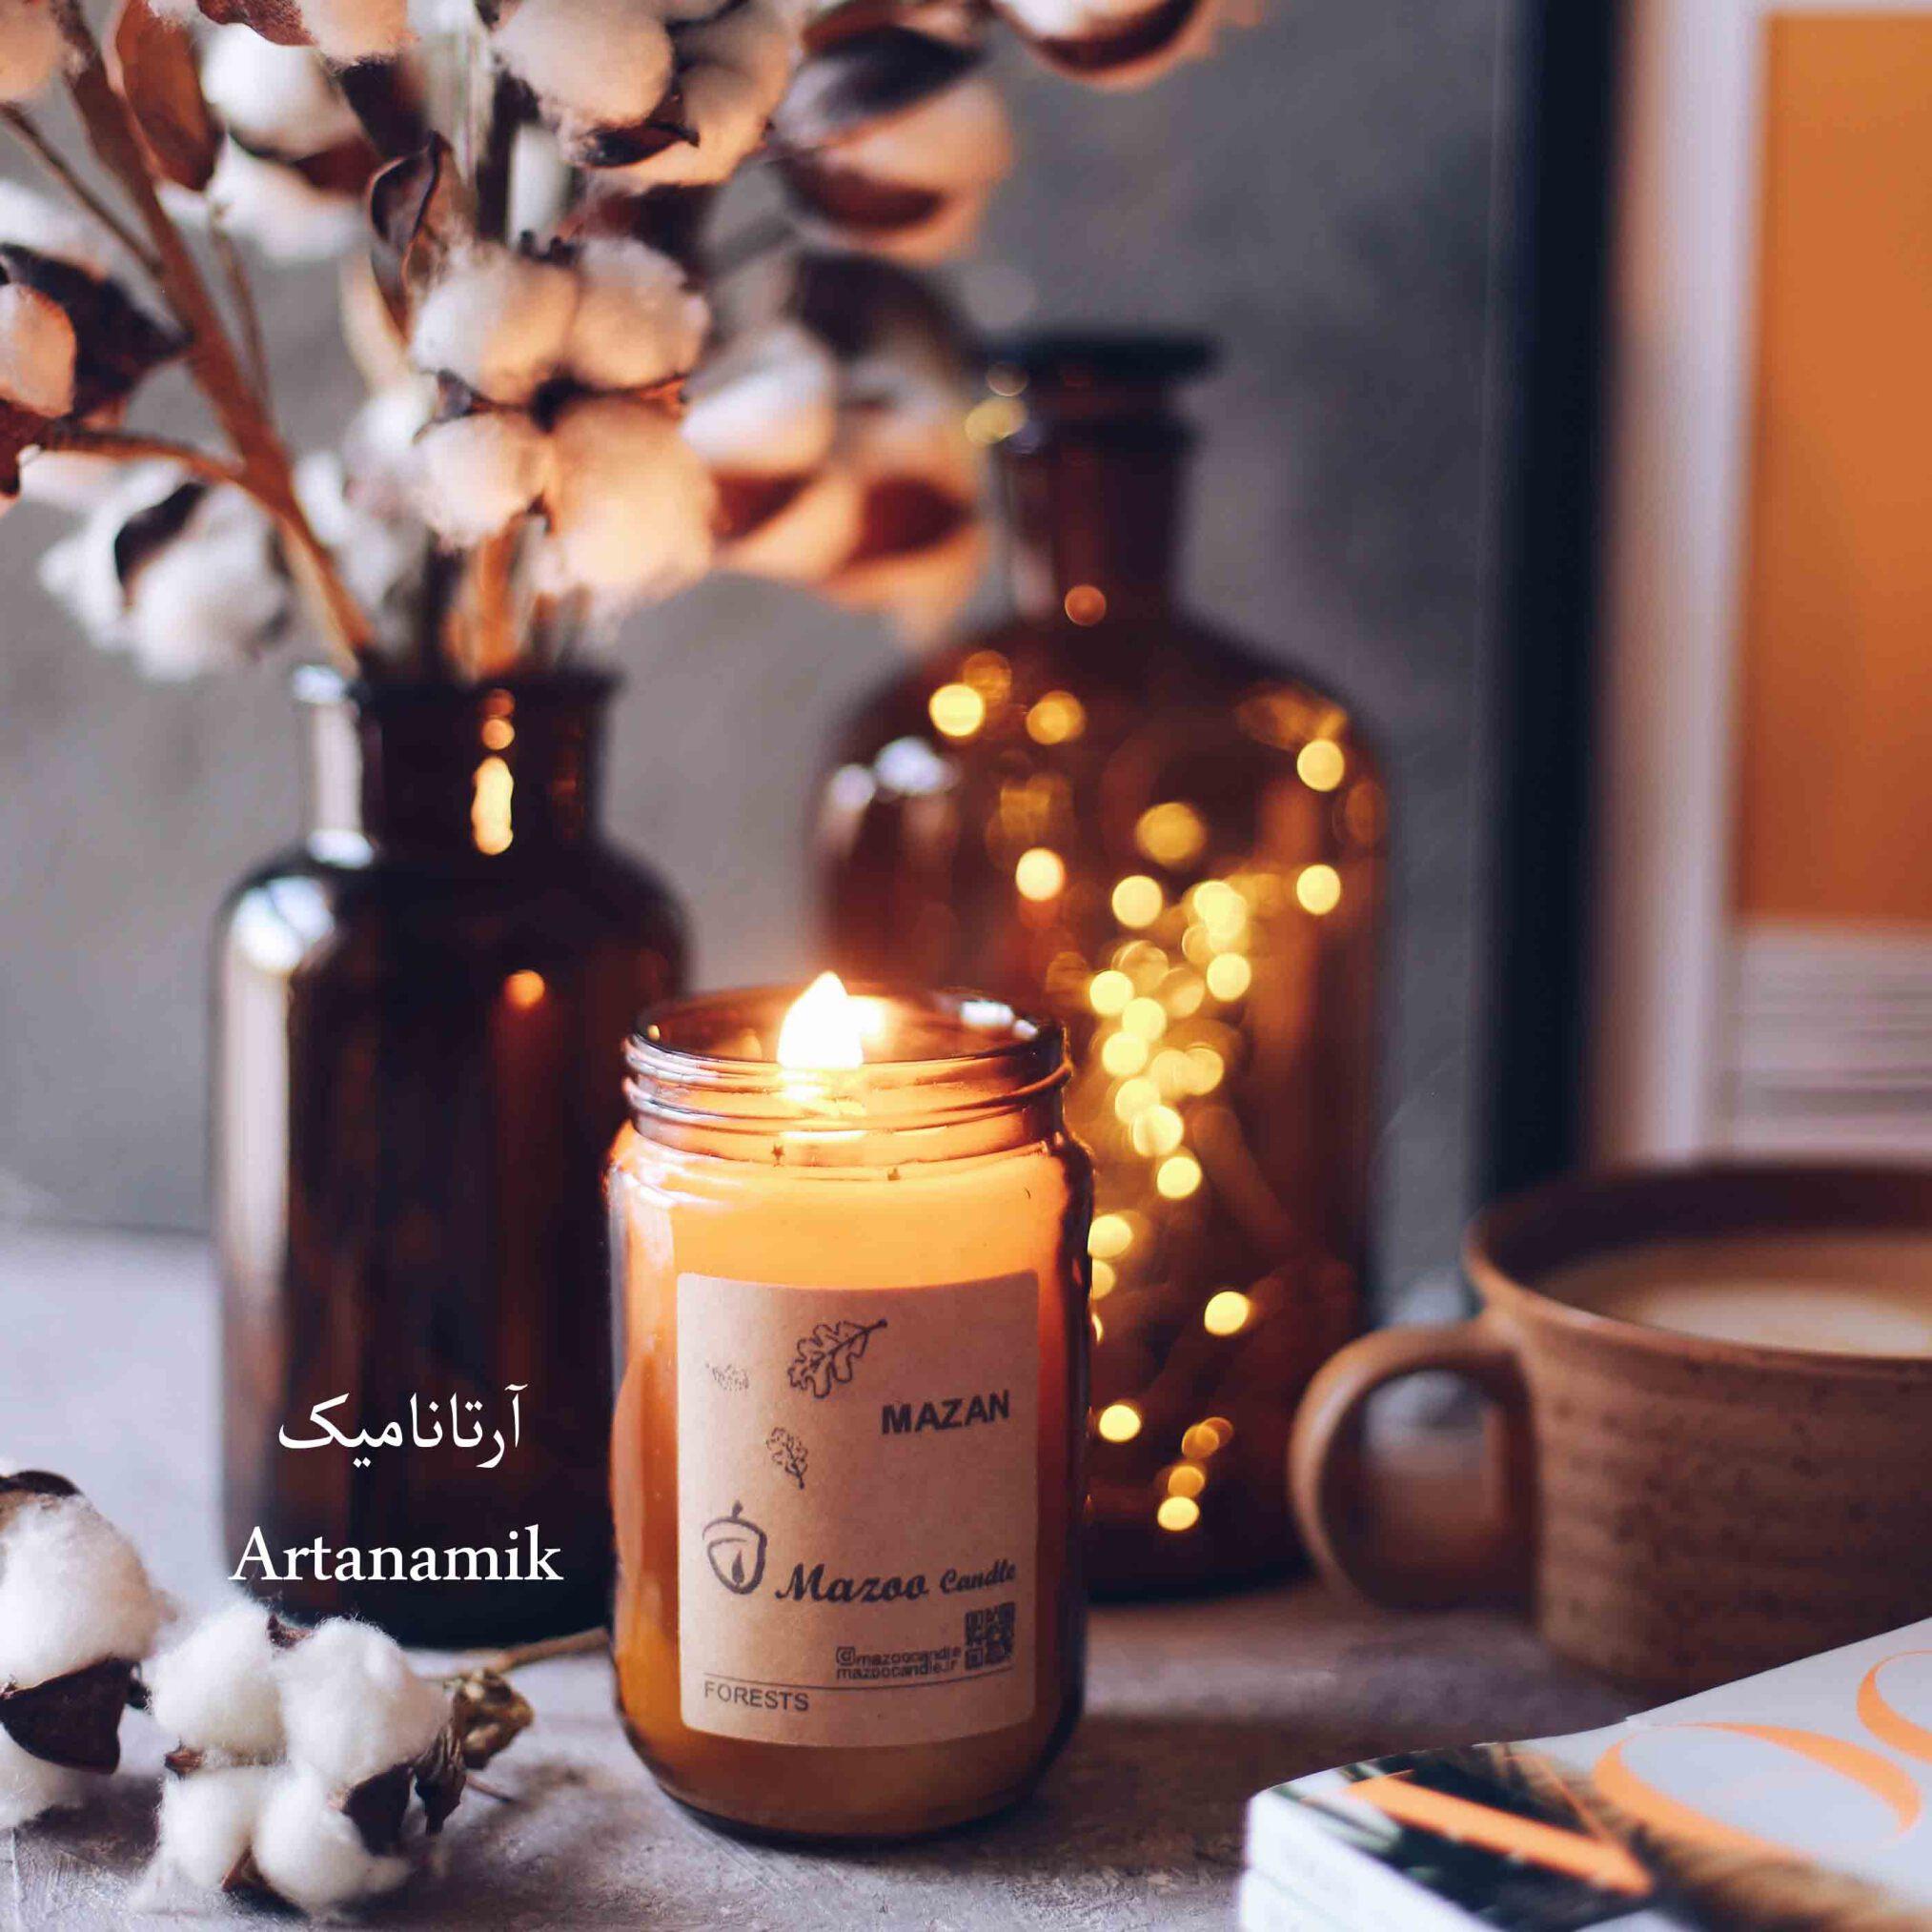 خرید شمع معطر با رایحه های مختلف، شمع با کیفیت، شمع دکوری، شمع مینیمال